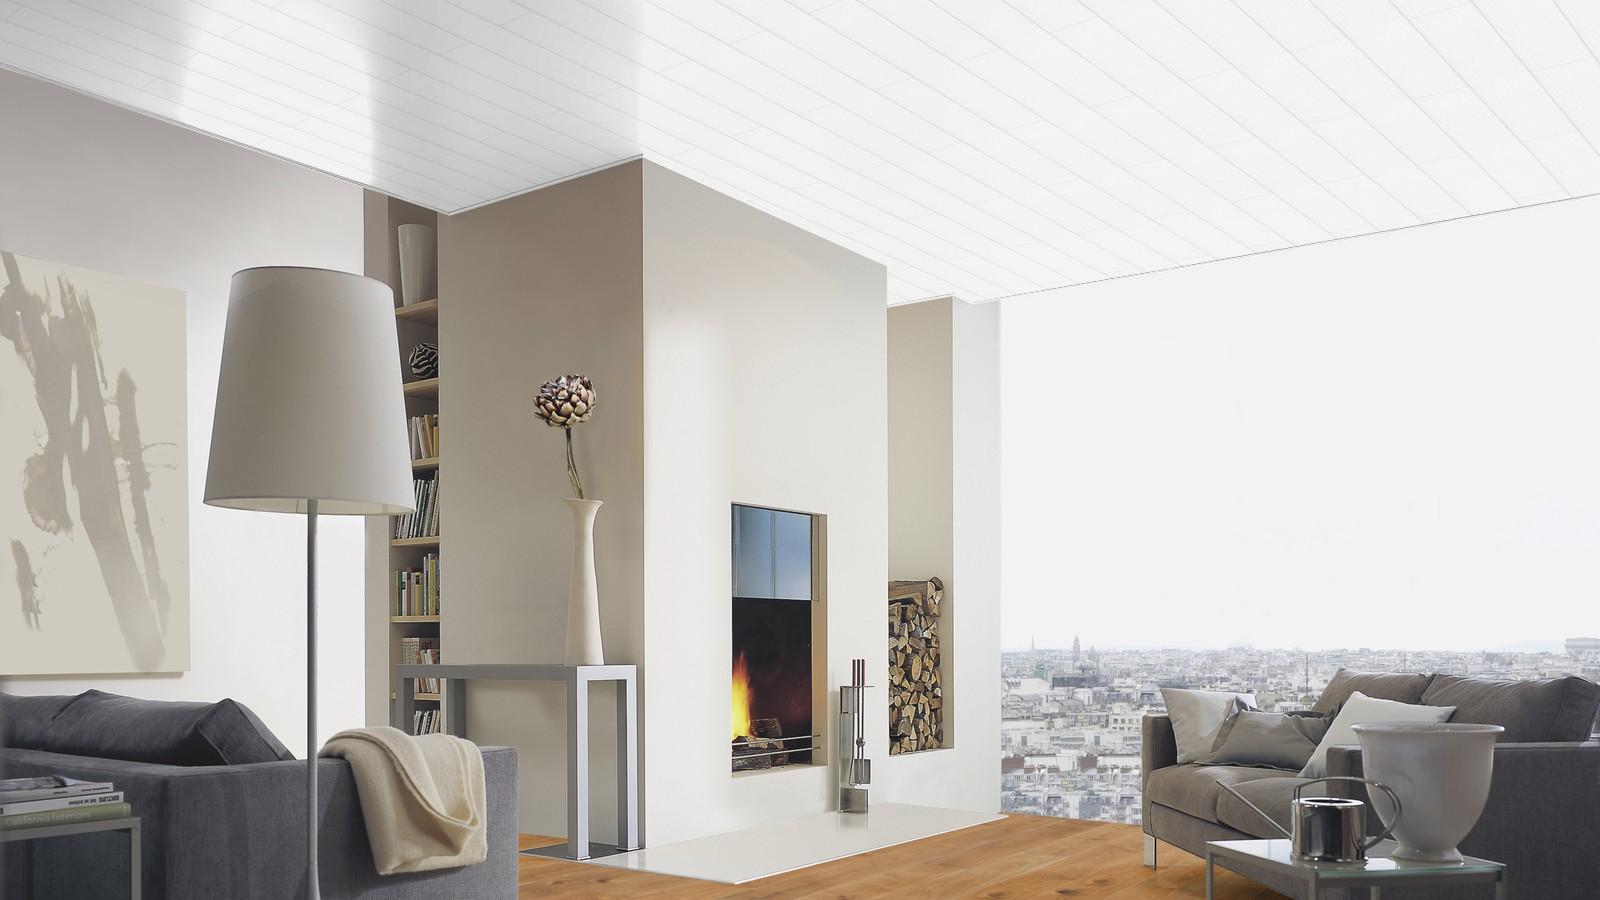 ter h rne sensual collection l parkett l c14a eiche unique l landhausdiele preisbrecher 24. Black Bedroom Furniture Sets. Home Design Ideas